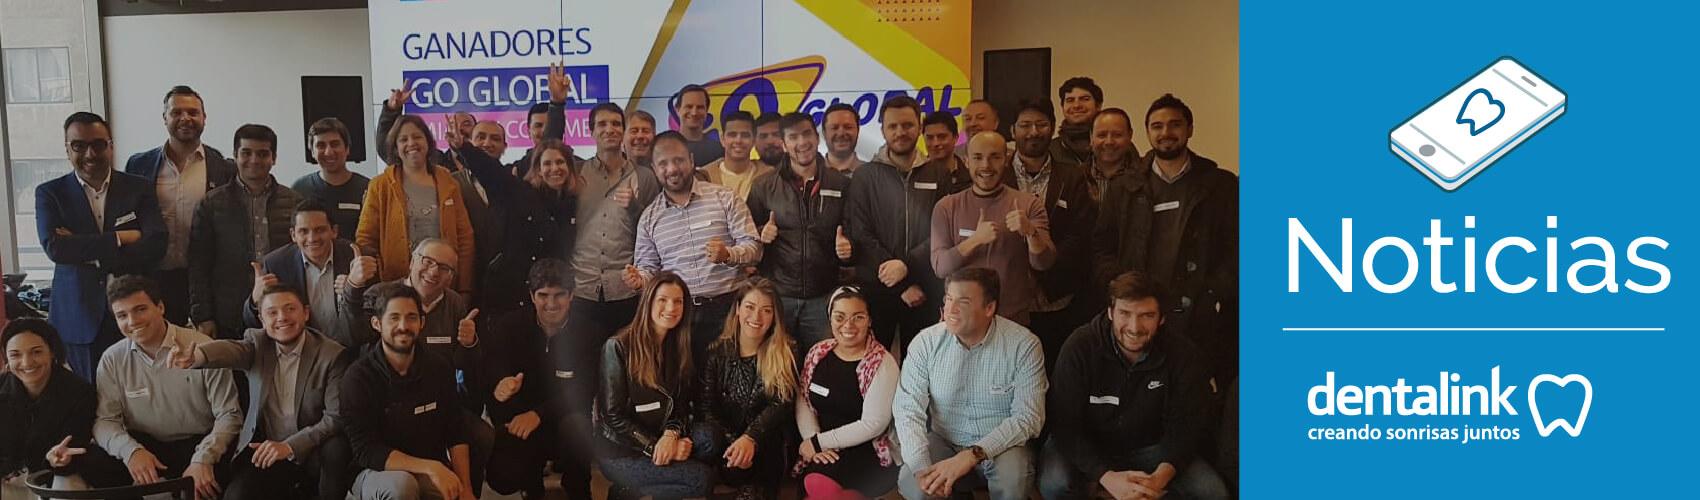 Dentalink fortalece su impacto en Colombia con GoGlobal